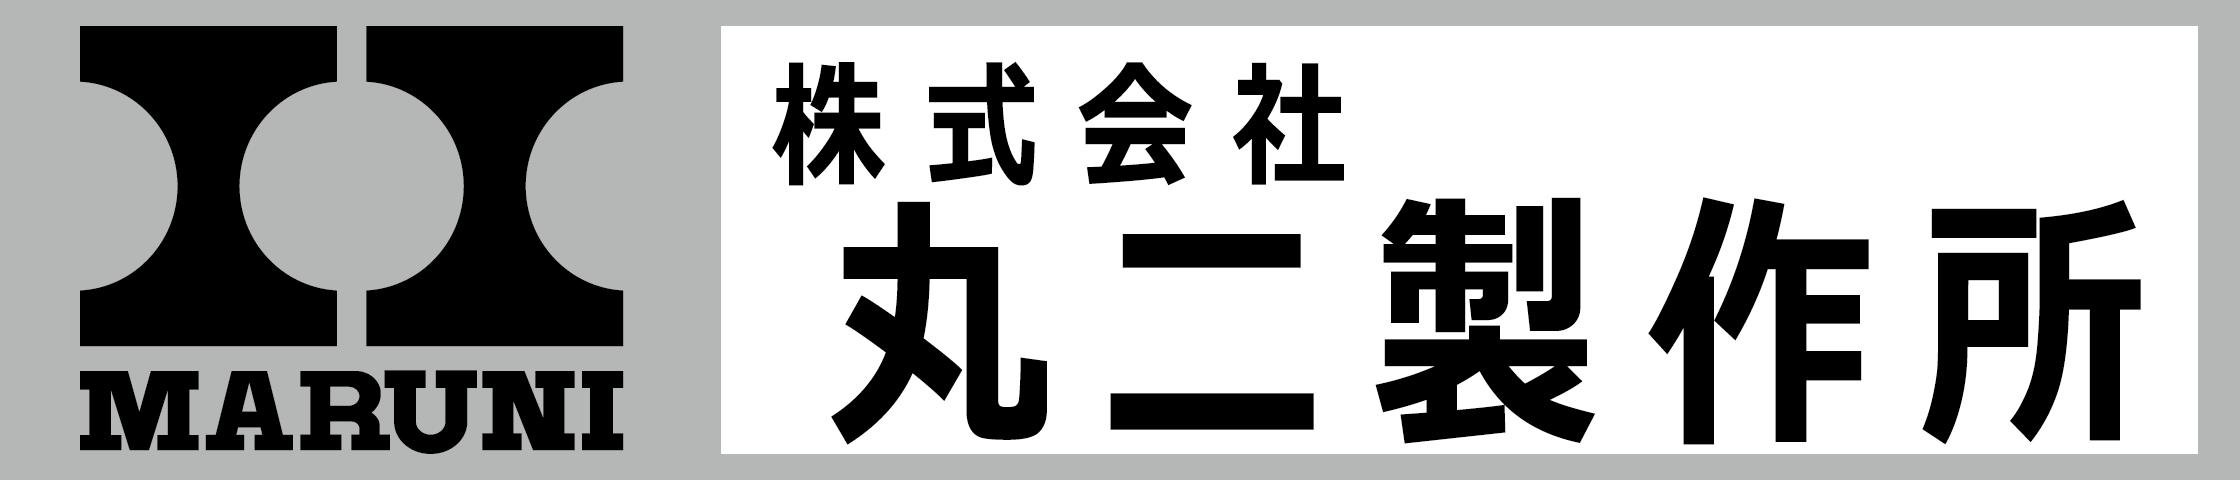 株式会社 丸二製作所